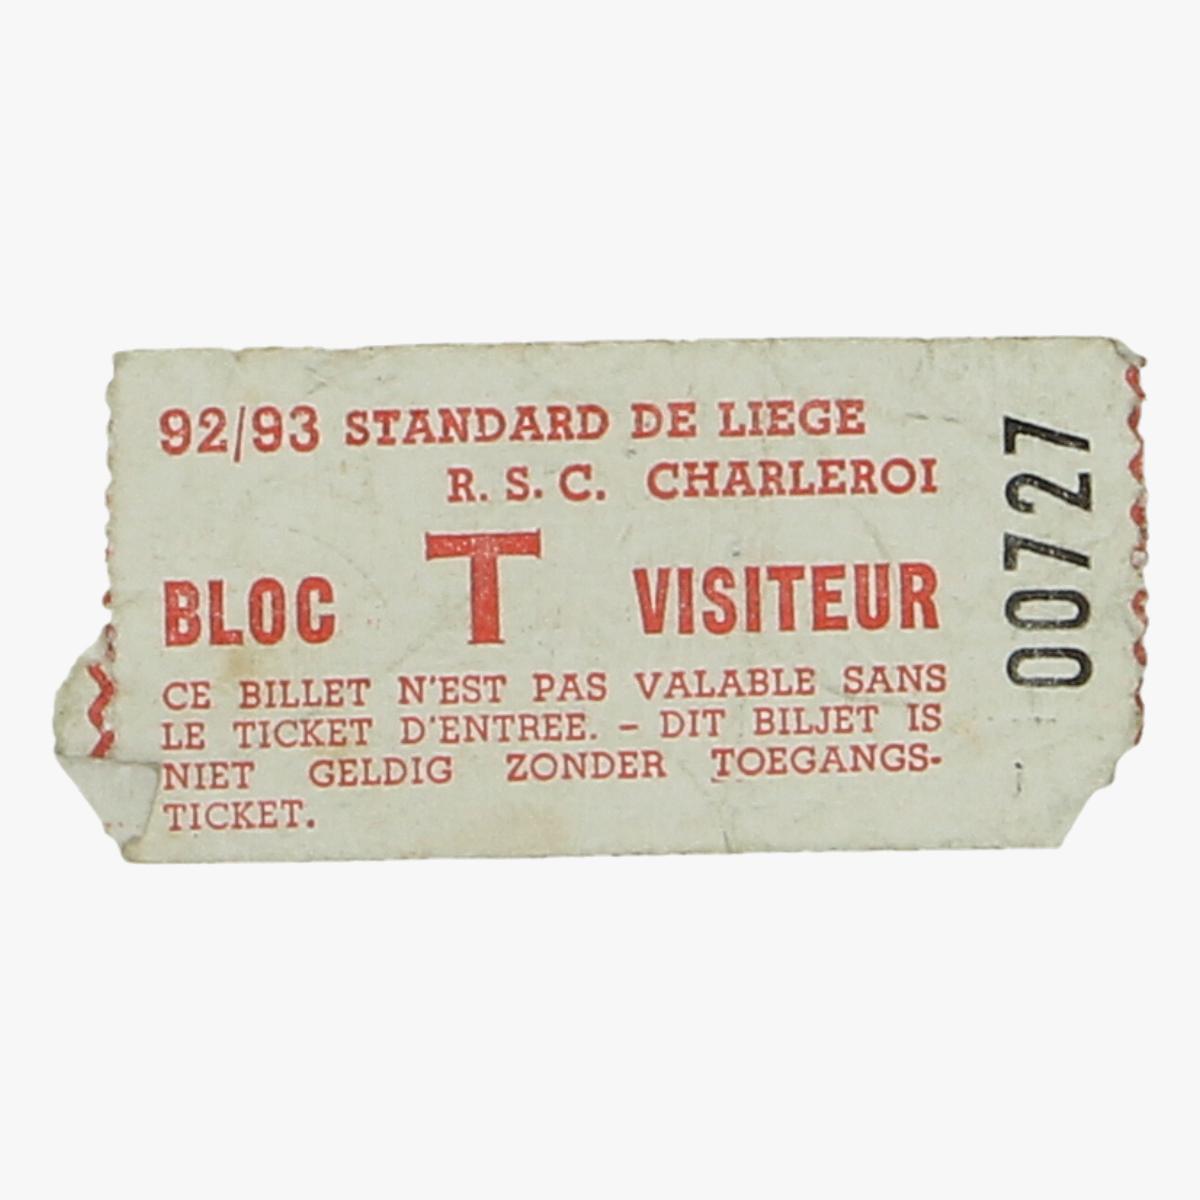 Afbeeldingen van voetbalticket 92/93 standard de Liege -r.s.c Charleroi